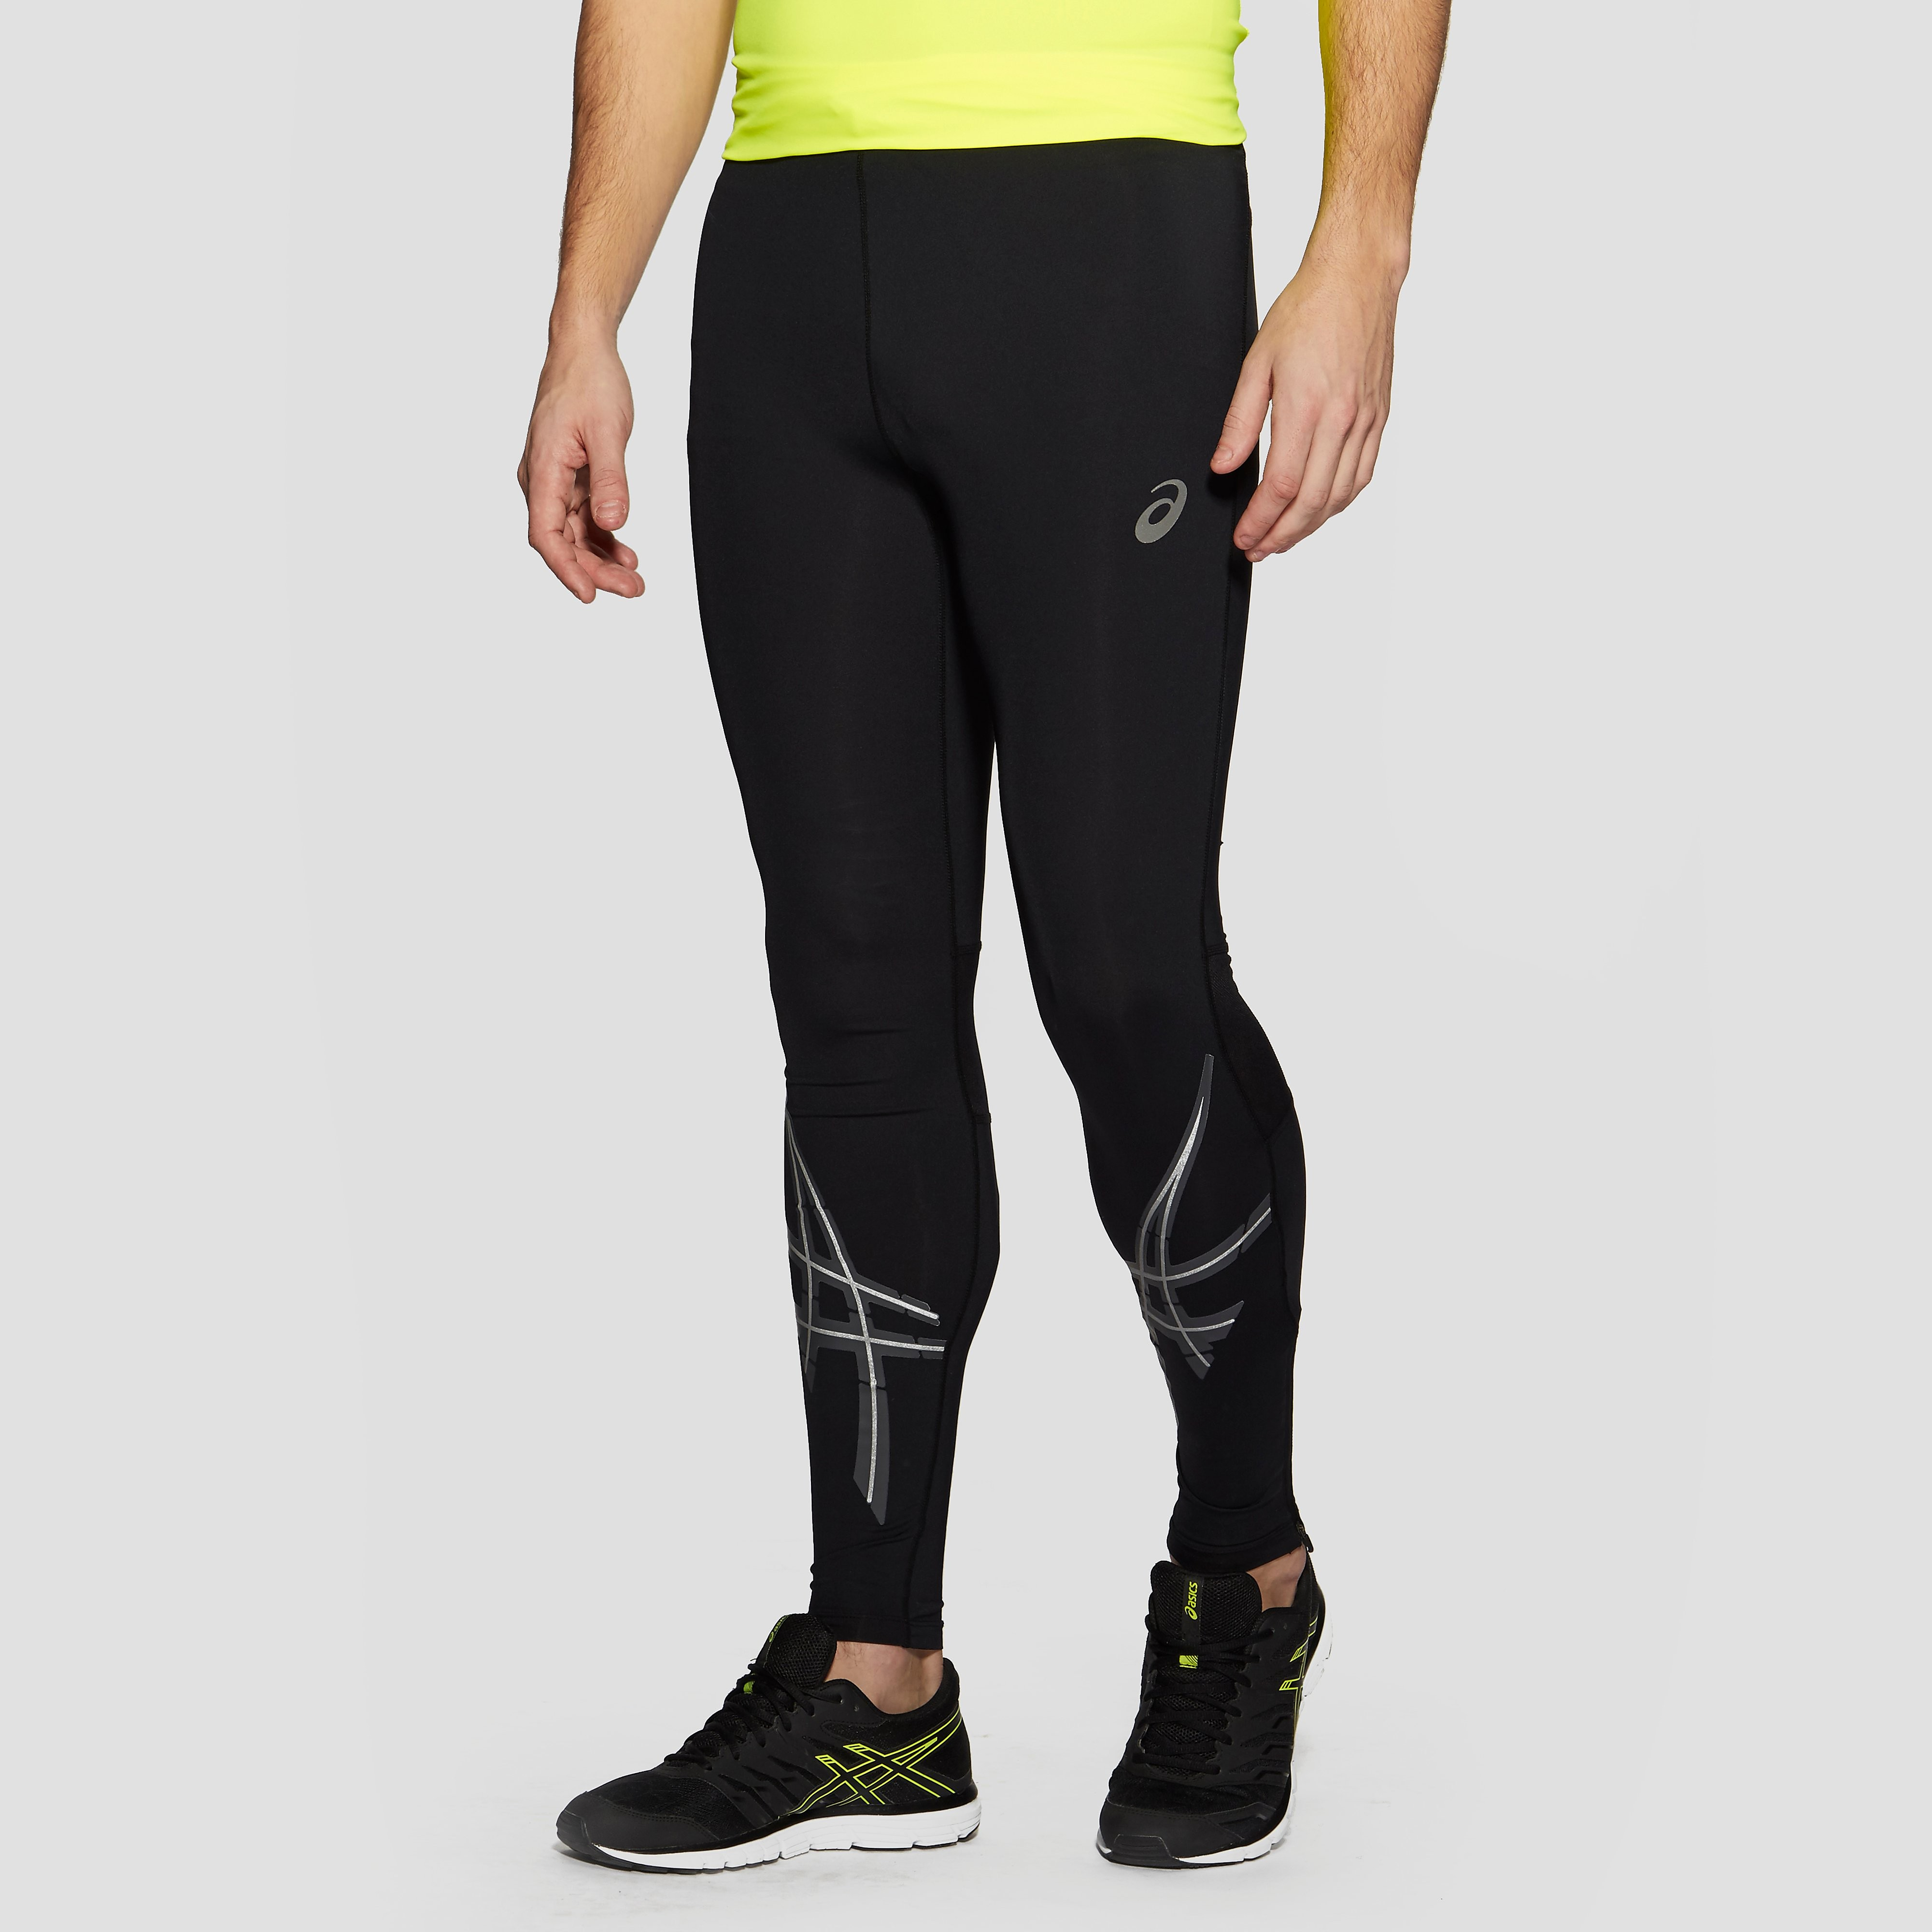 ASICS Stripe Men's Running Tights